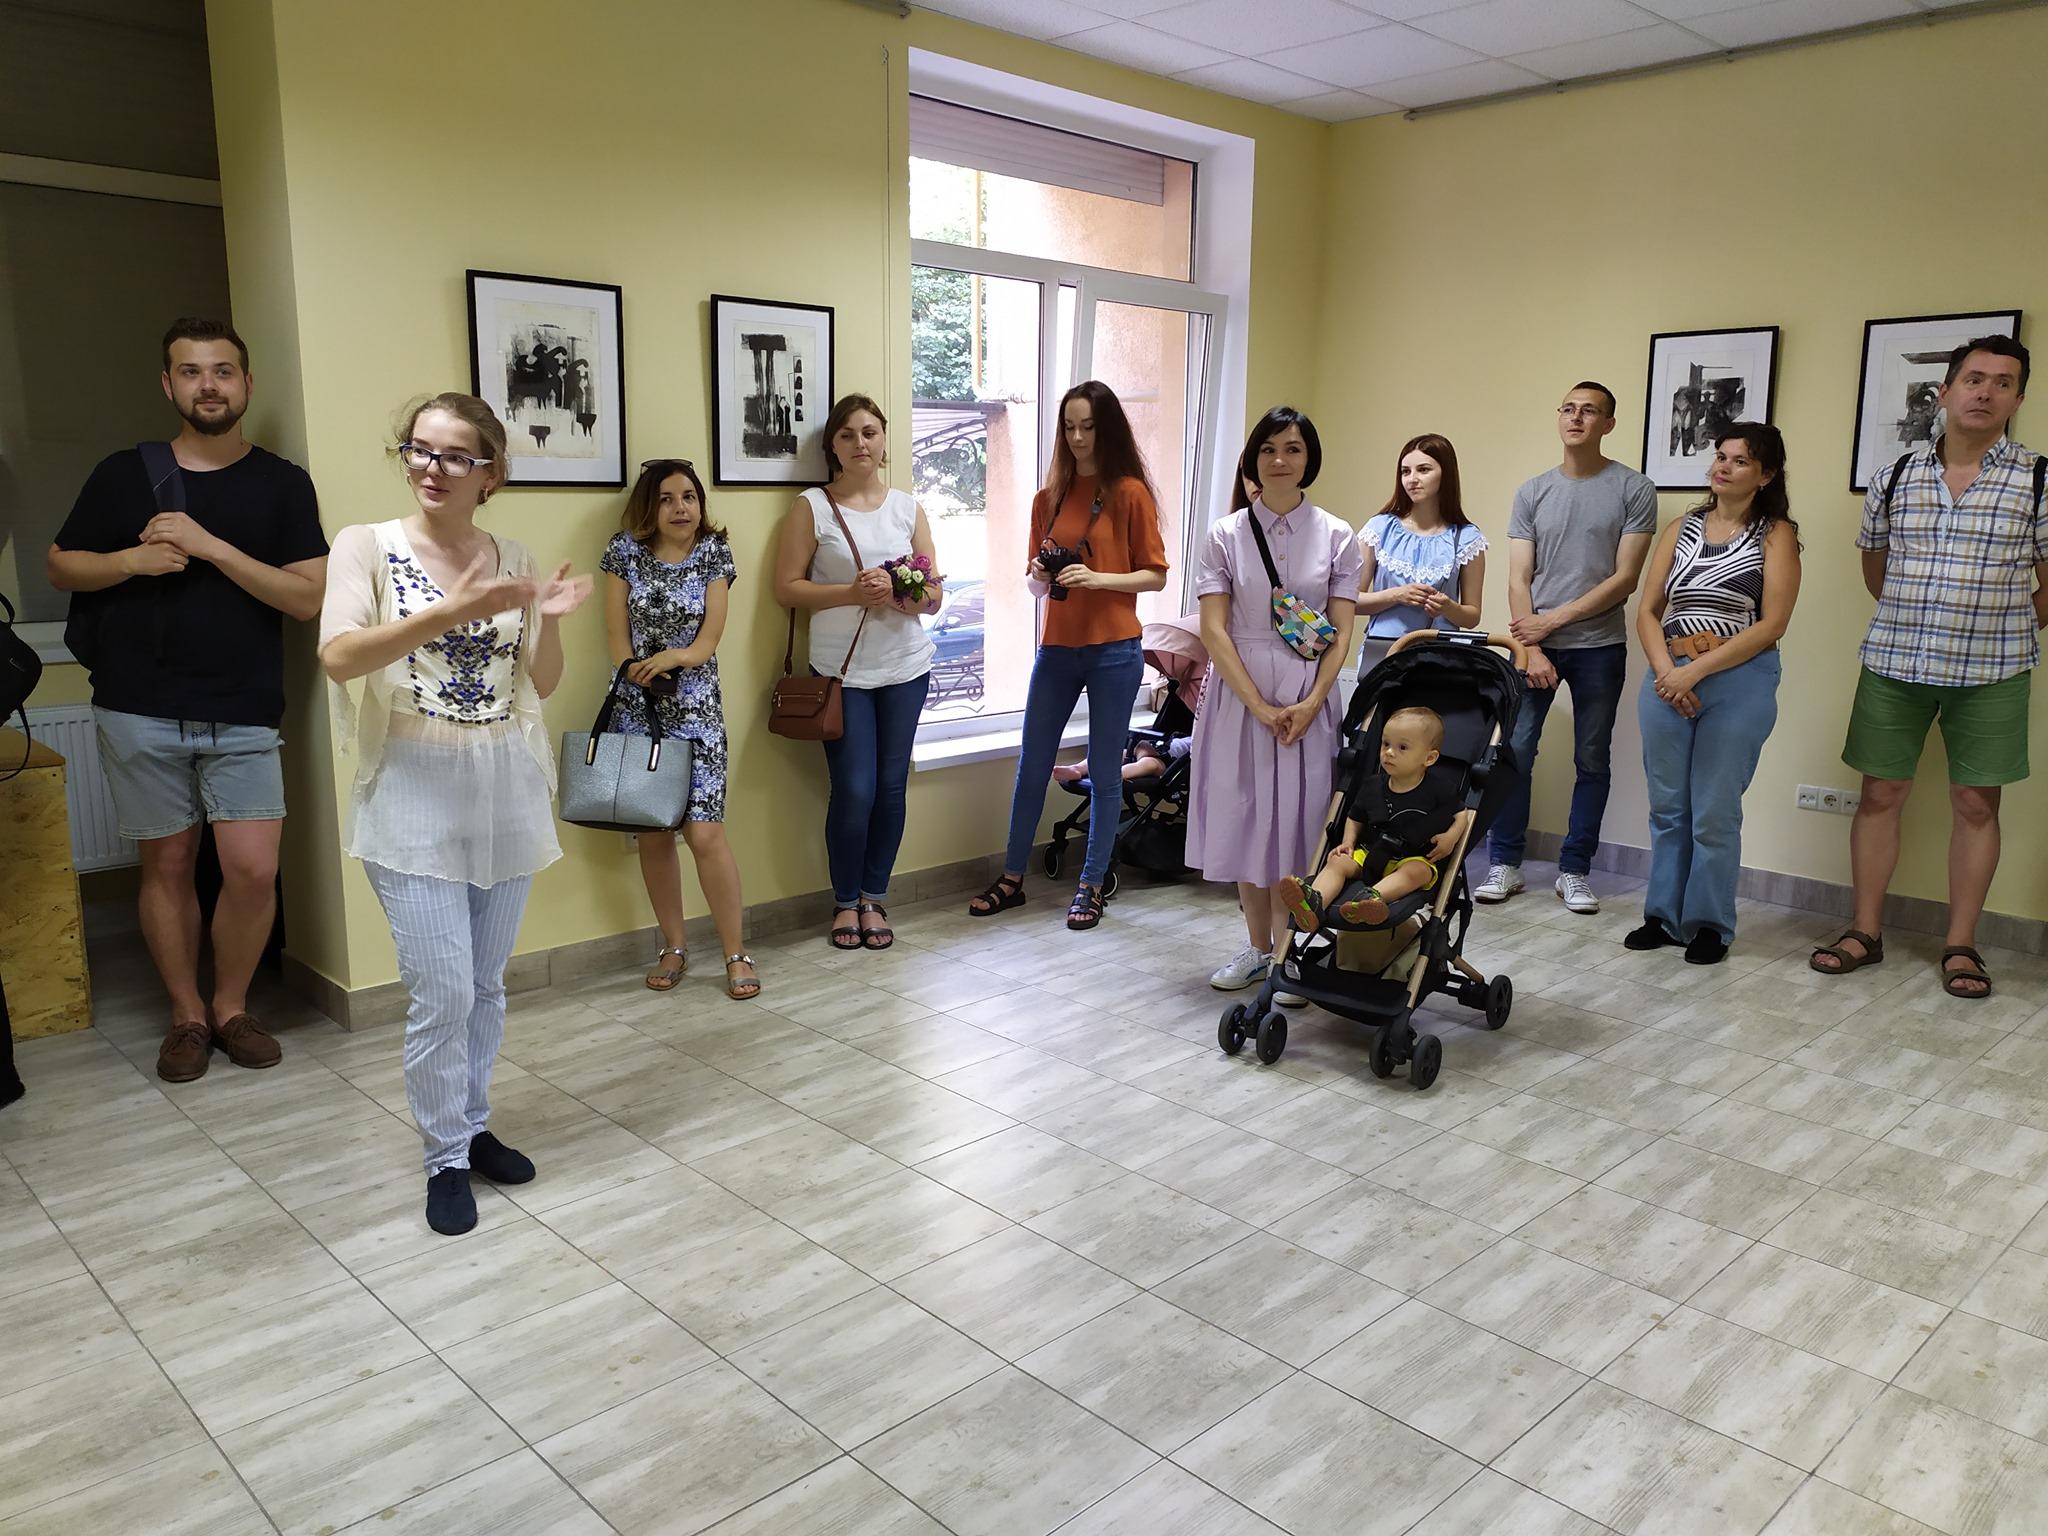 Папір і метал: у Франківську відкрили виставку оригінальної графіки 8